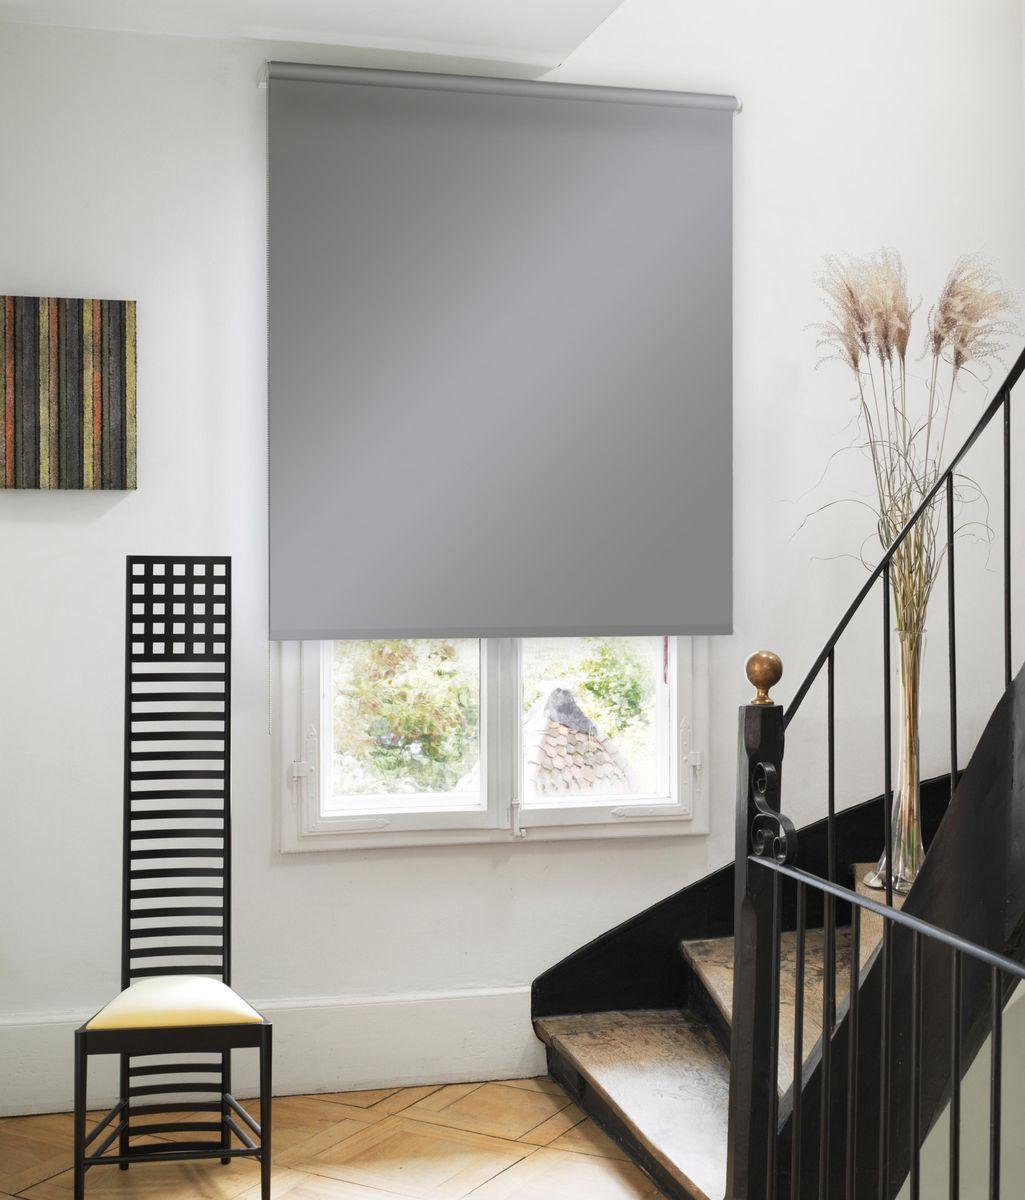 Штора рулонная Эскар, цвет: серый, ширина 80 см, высота 170 см81020080170Рулонными шторами можно оформлять окна как самостоятельно, так и использовать в комбинации с портьерами. Это поможет предотвратить выгорание дорогой ткани на солнце и соединит функционал рулонных с красотой навесных.Преимущества применения рулонных штор для пластиковых окон:- имеют прекрасный внешний вид: многообразие и фактурность материала изделия отлично смотрятся в любом интерьере; - многофункциональны: есть возможность подобрать шторы способные эффективно защитить комнату от солнца, при этом о на не будет слишком темной. - Есть возможность осуществить быстрый монтаж. ВНИМАНИЕ! Размеры ширины изделия указаны по ширине ткани!Во время эксплуатации не рекомендуется полностью разматывать рулон, чтобы не оторвать ткань от намоточного вала.В случае загрязнения поверхности ткани, чистку шторы проводят одним из способов, в зависимости от типа загрязнения: легкое поверхностное загрязнение можно удалить при помощи канцелярского ластика; чистка от пыли производится сухим методом при помощи пылесоса с мягкой щеткой-насадкой; для удаления пятна используйте мягкую губку с пенообразующим неагрессивным моющим средством или пятновыводитель на натуральной основе (нельзя применять растворители).